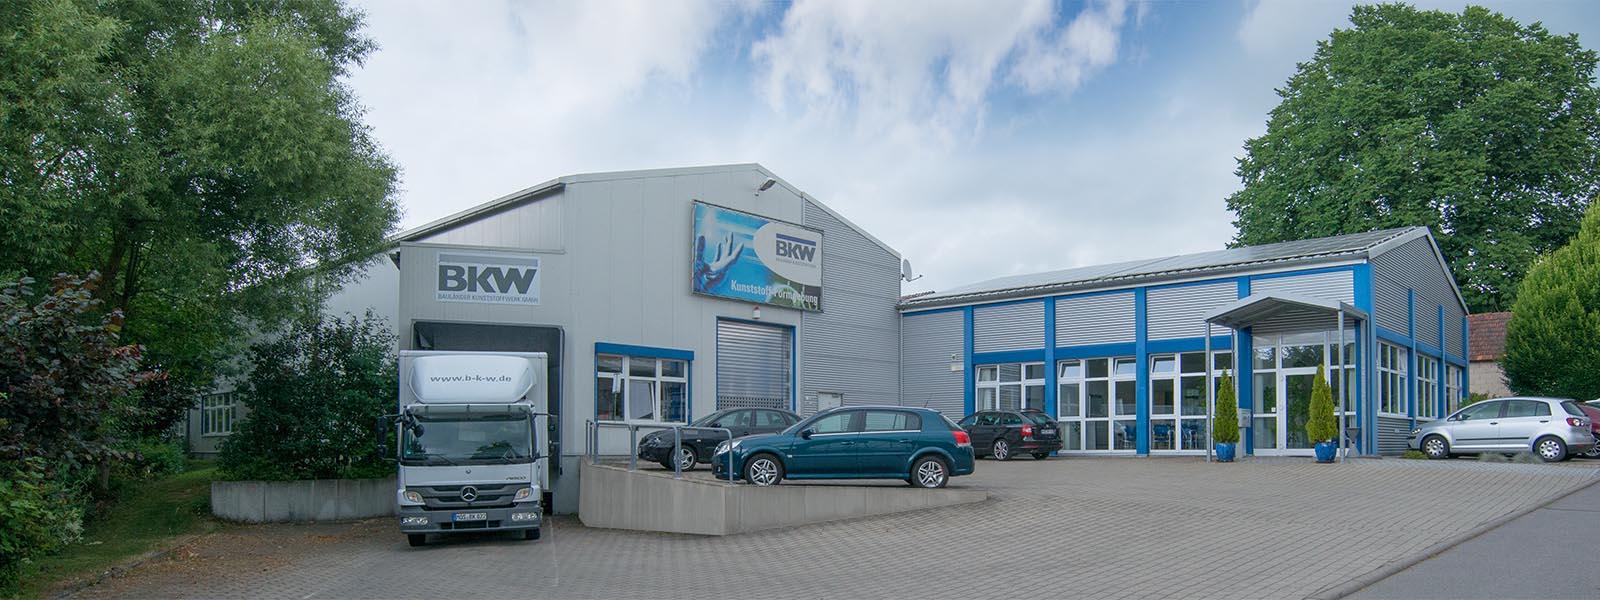 BKW-Kunststoffwerk, Kunststoffgehäuse, Baugruppen